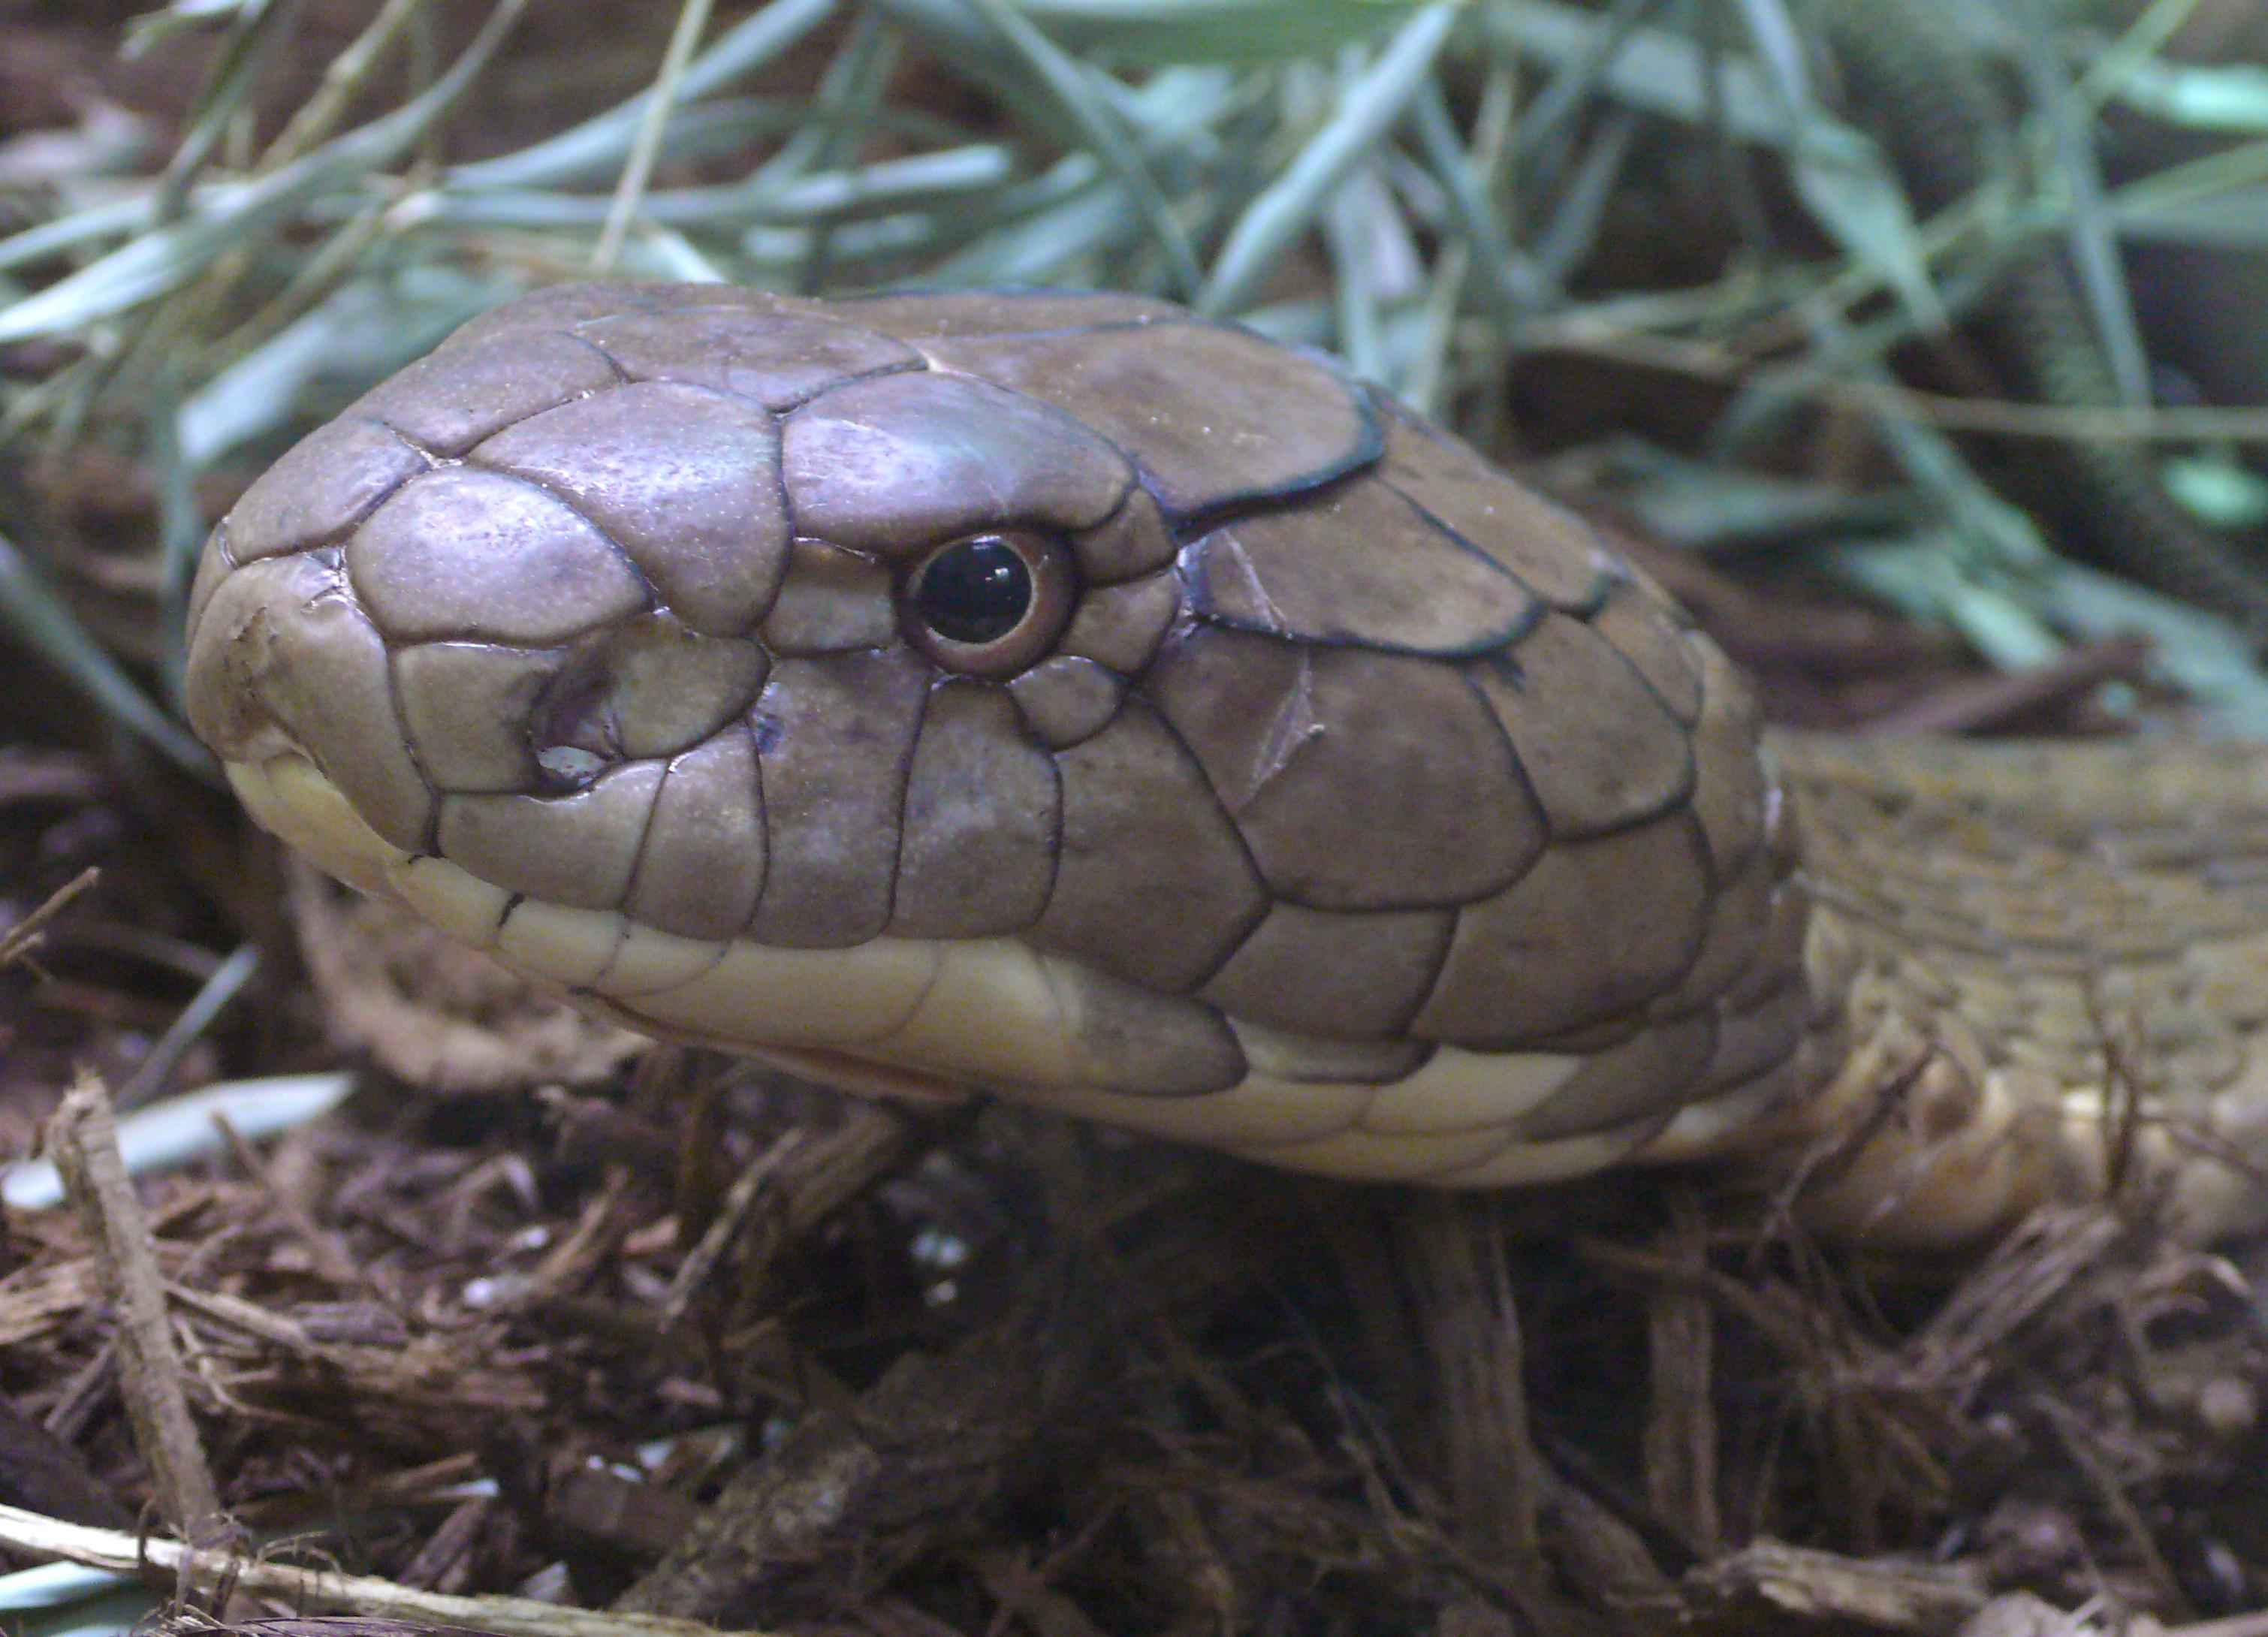 File:Ophiophagus hannah head (4).jpg - Wikimedia Commons